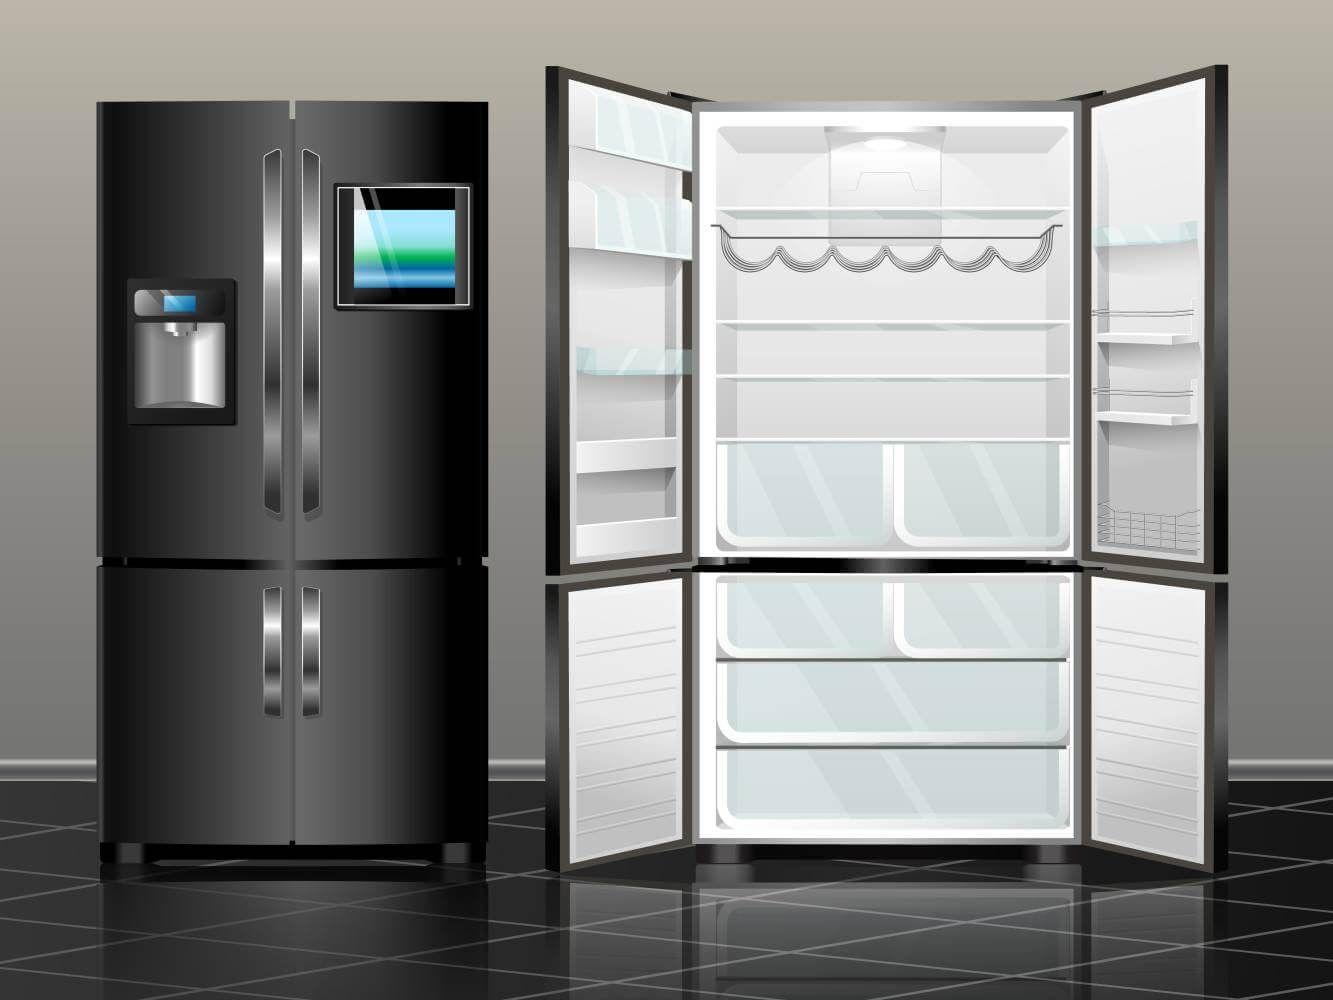 Amerikanischer Kühlschrank Side By Side : Küchen mit side by side kühlschrank miele amerikanischer